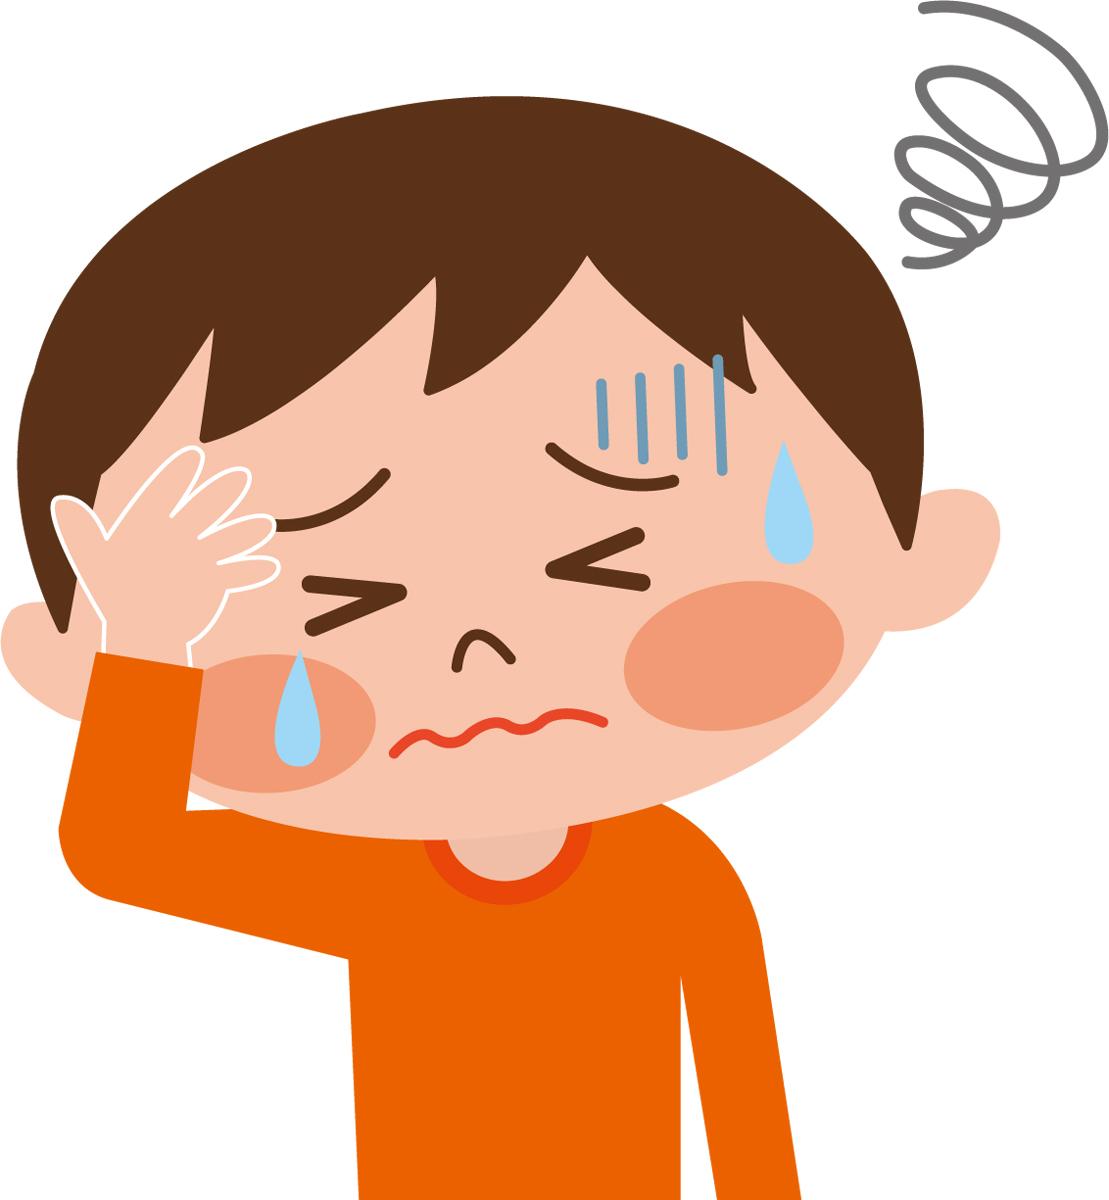 発達障害と間違いやすいゲルストマン症候群とは